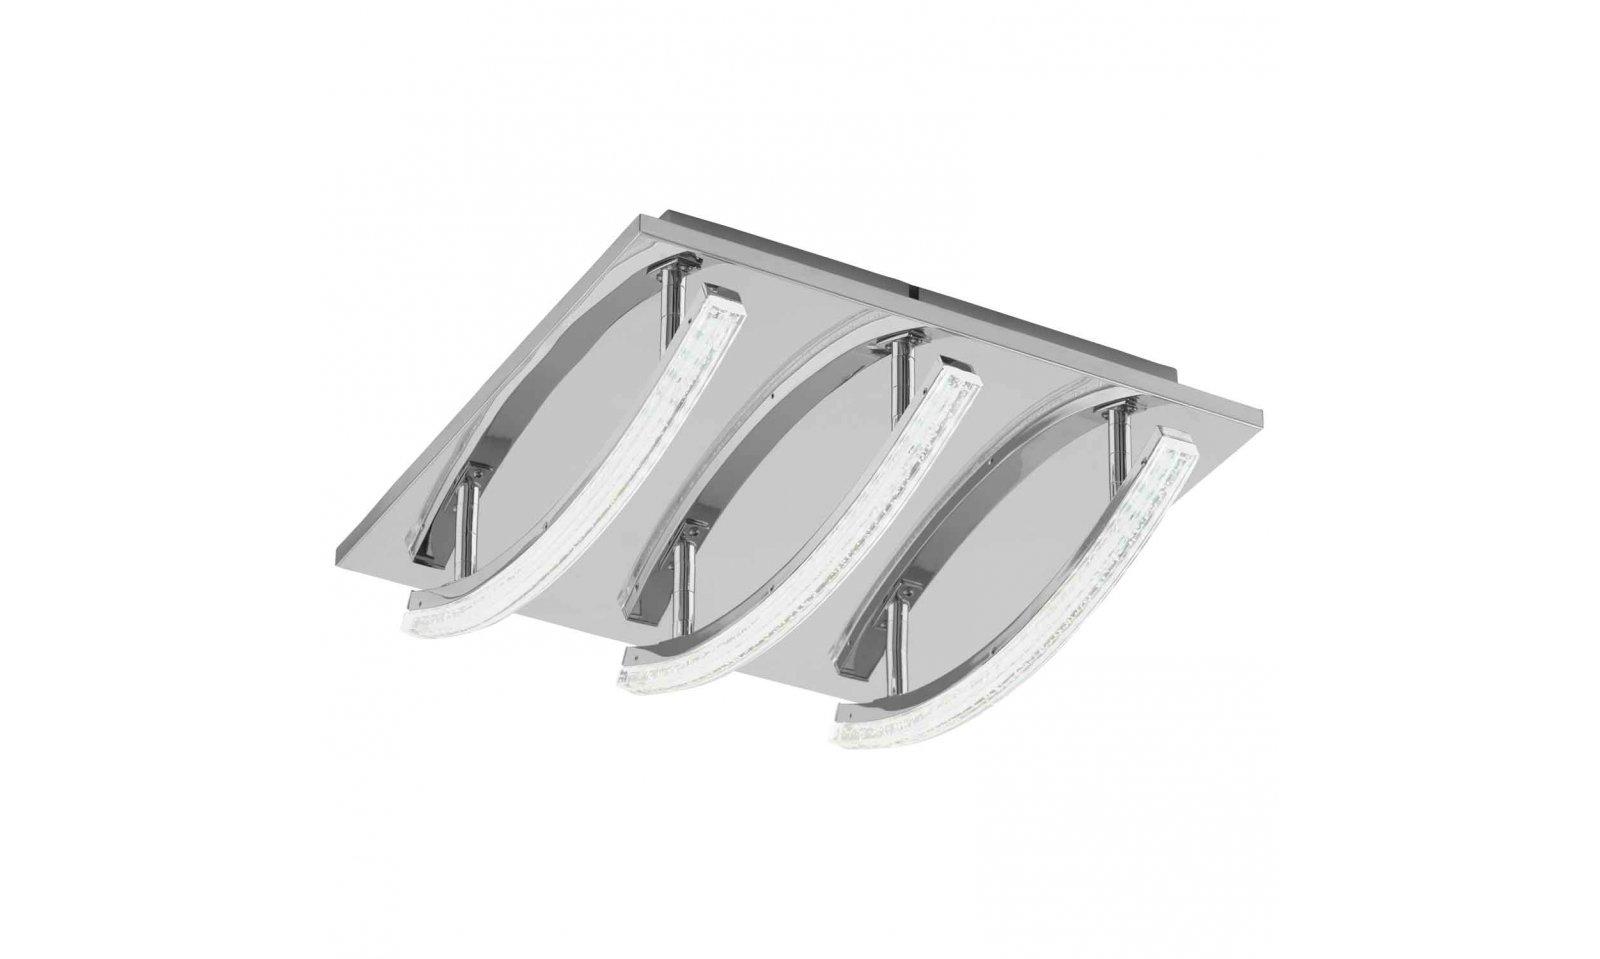 Eglo Plafoniere Led : Eglo pertini led plafoniera in acciaio cromato e diffusore plastica